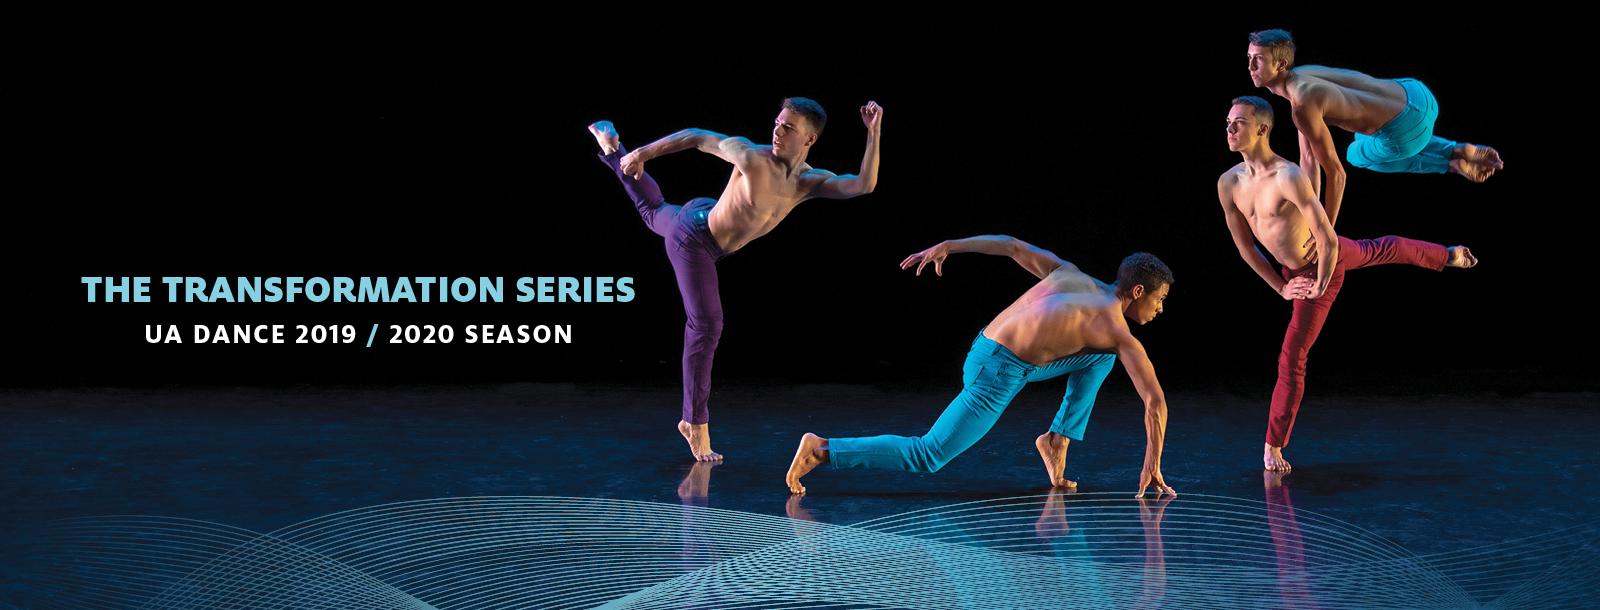 UA Dance 2019/2020 Season